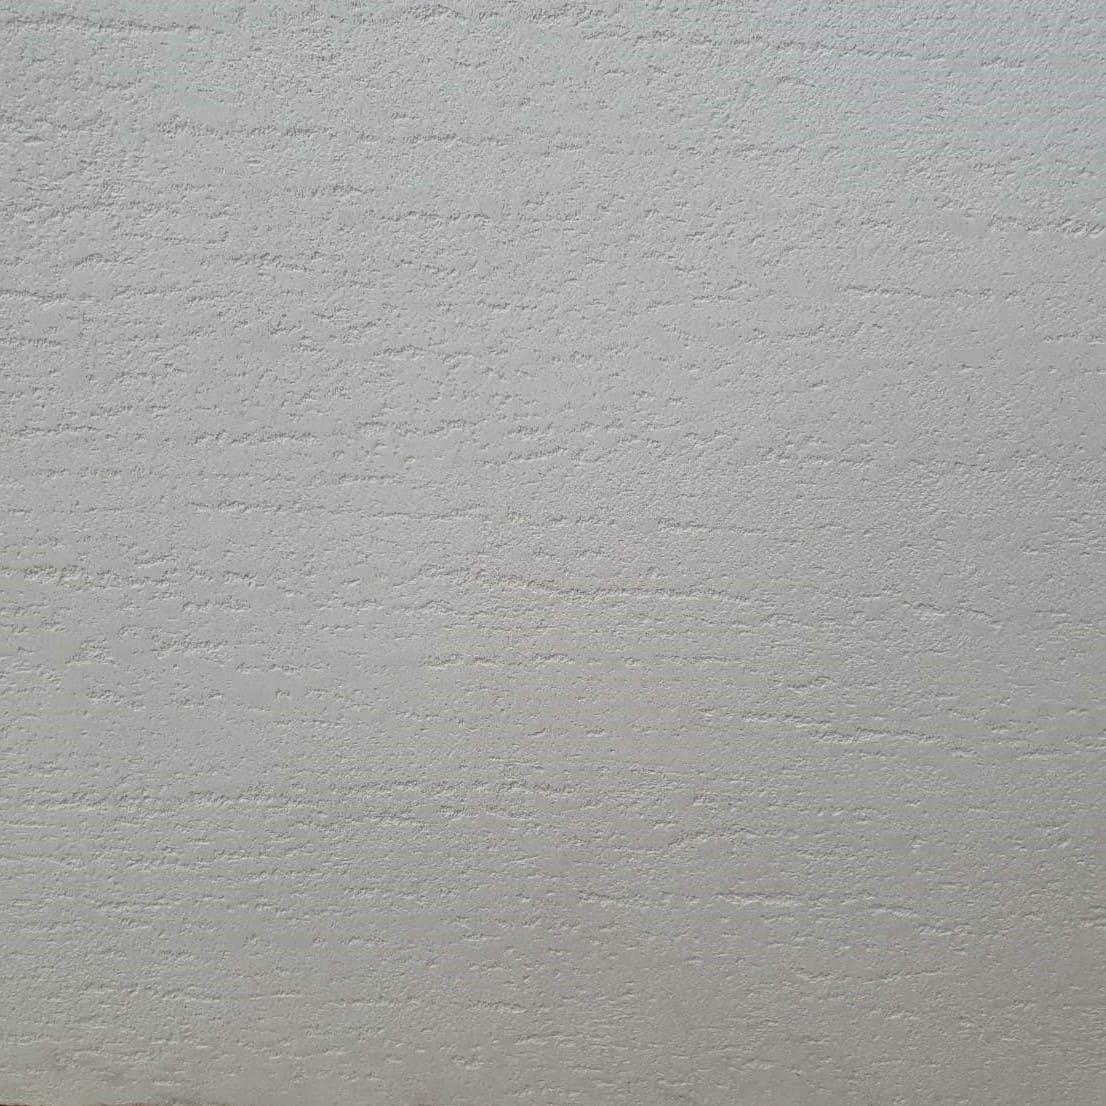 สีเทคเจอร์ Stone Texture - Travatine